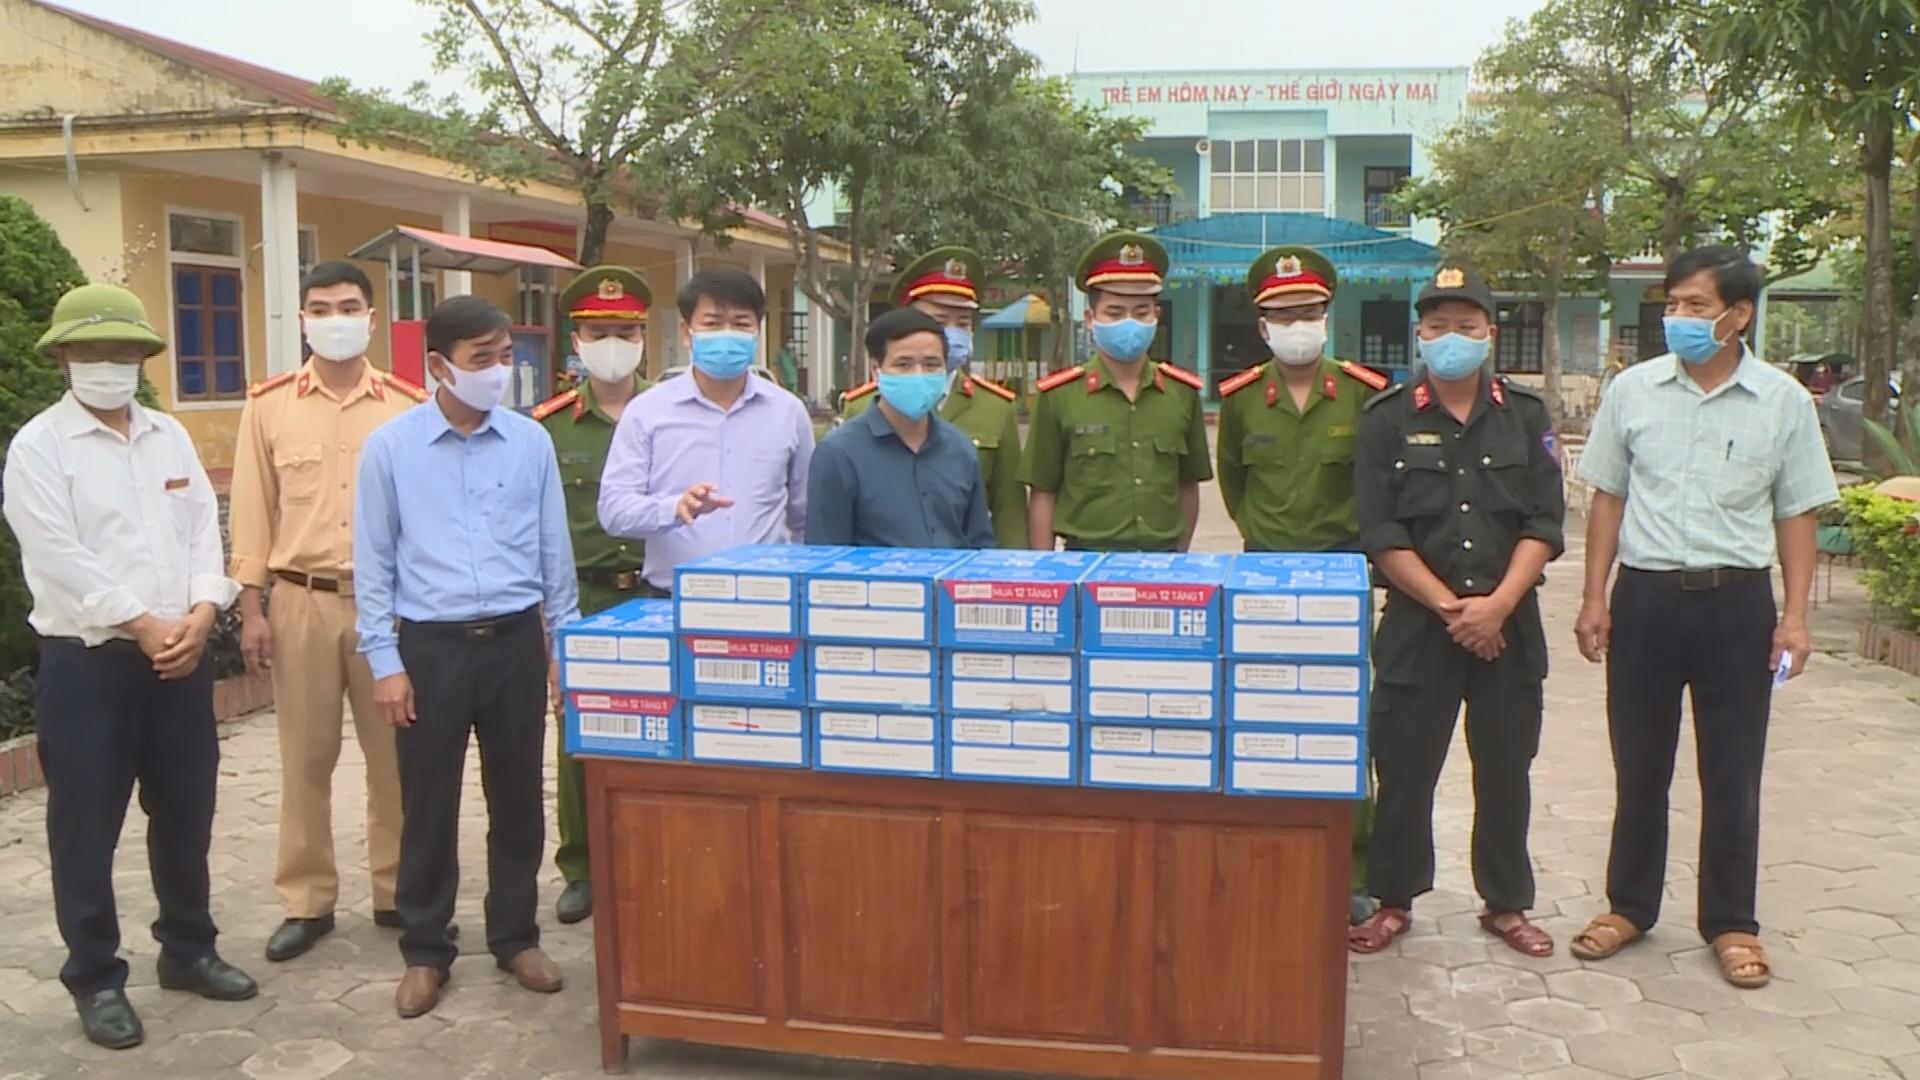 Các đồng chí lãnh đạo Cẩm Xuyên và đơn vị tài trợ trao sữa cho chính quyền xã Cẩm Bình